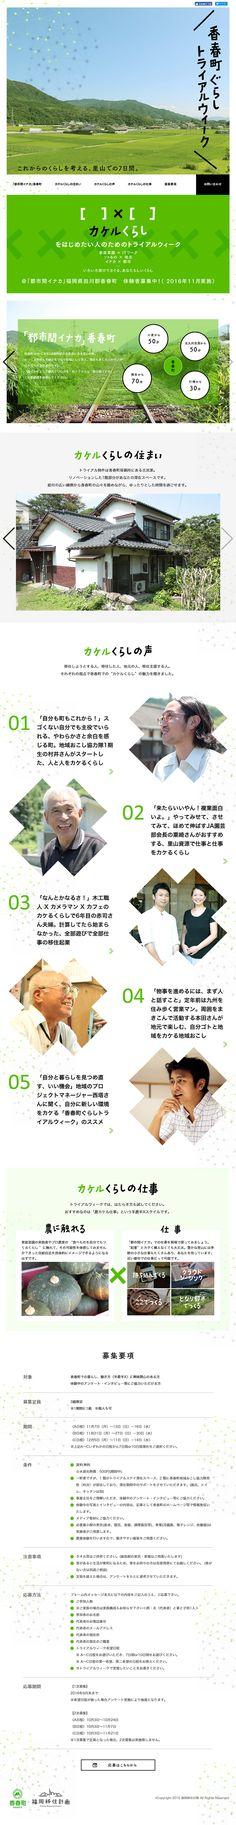 香春町ぐらしトライアルウィーク WEBデザイナーさん必見!ランディングページのデザイン参考に(爽やか系)